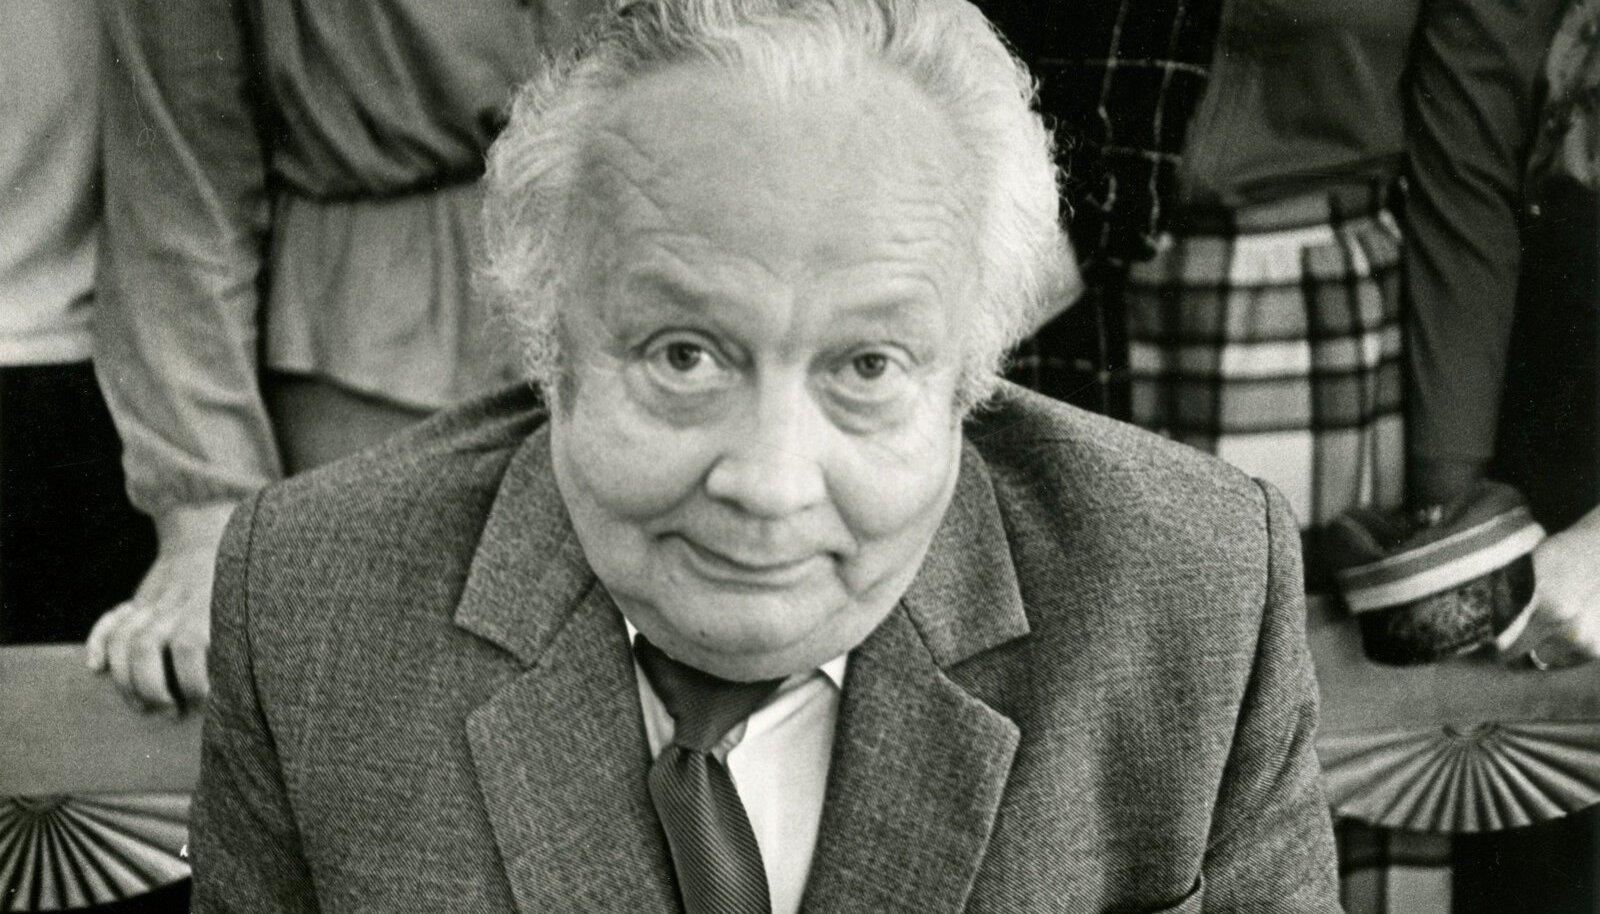 Juhan Peegel oli ajakirjanduse isa, kelle 100. sünniaastapäeva auks kogunevad tema üliõpilased sel nädalavahetusel Tartus.